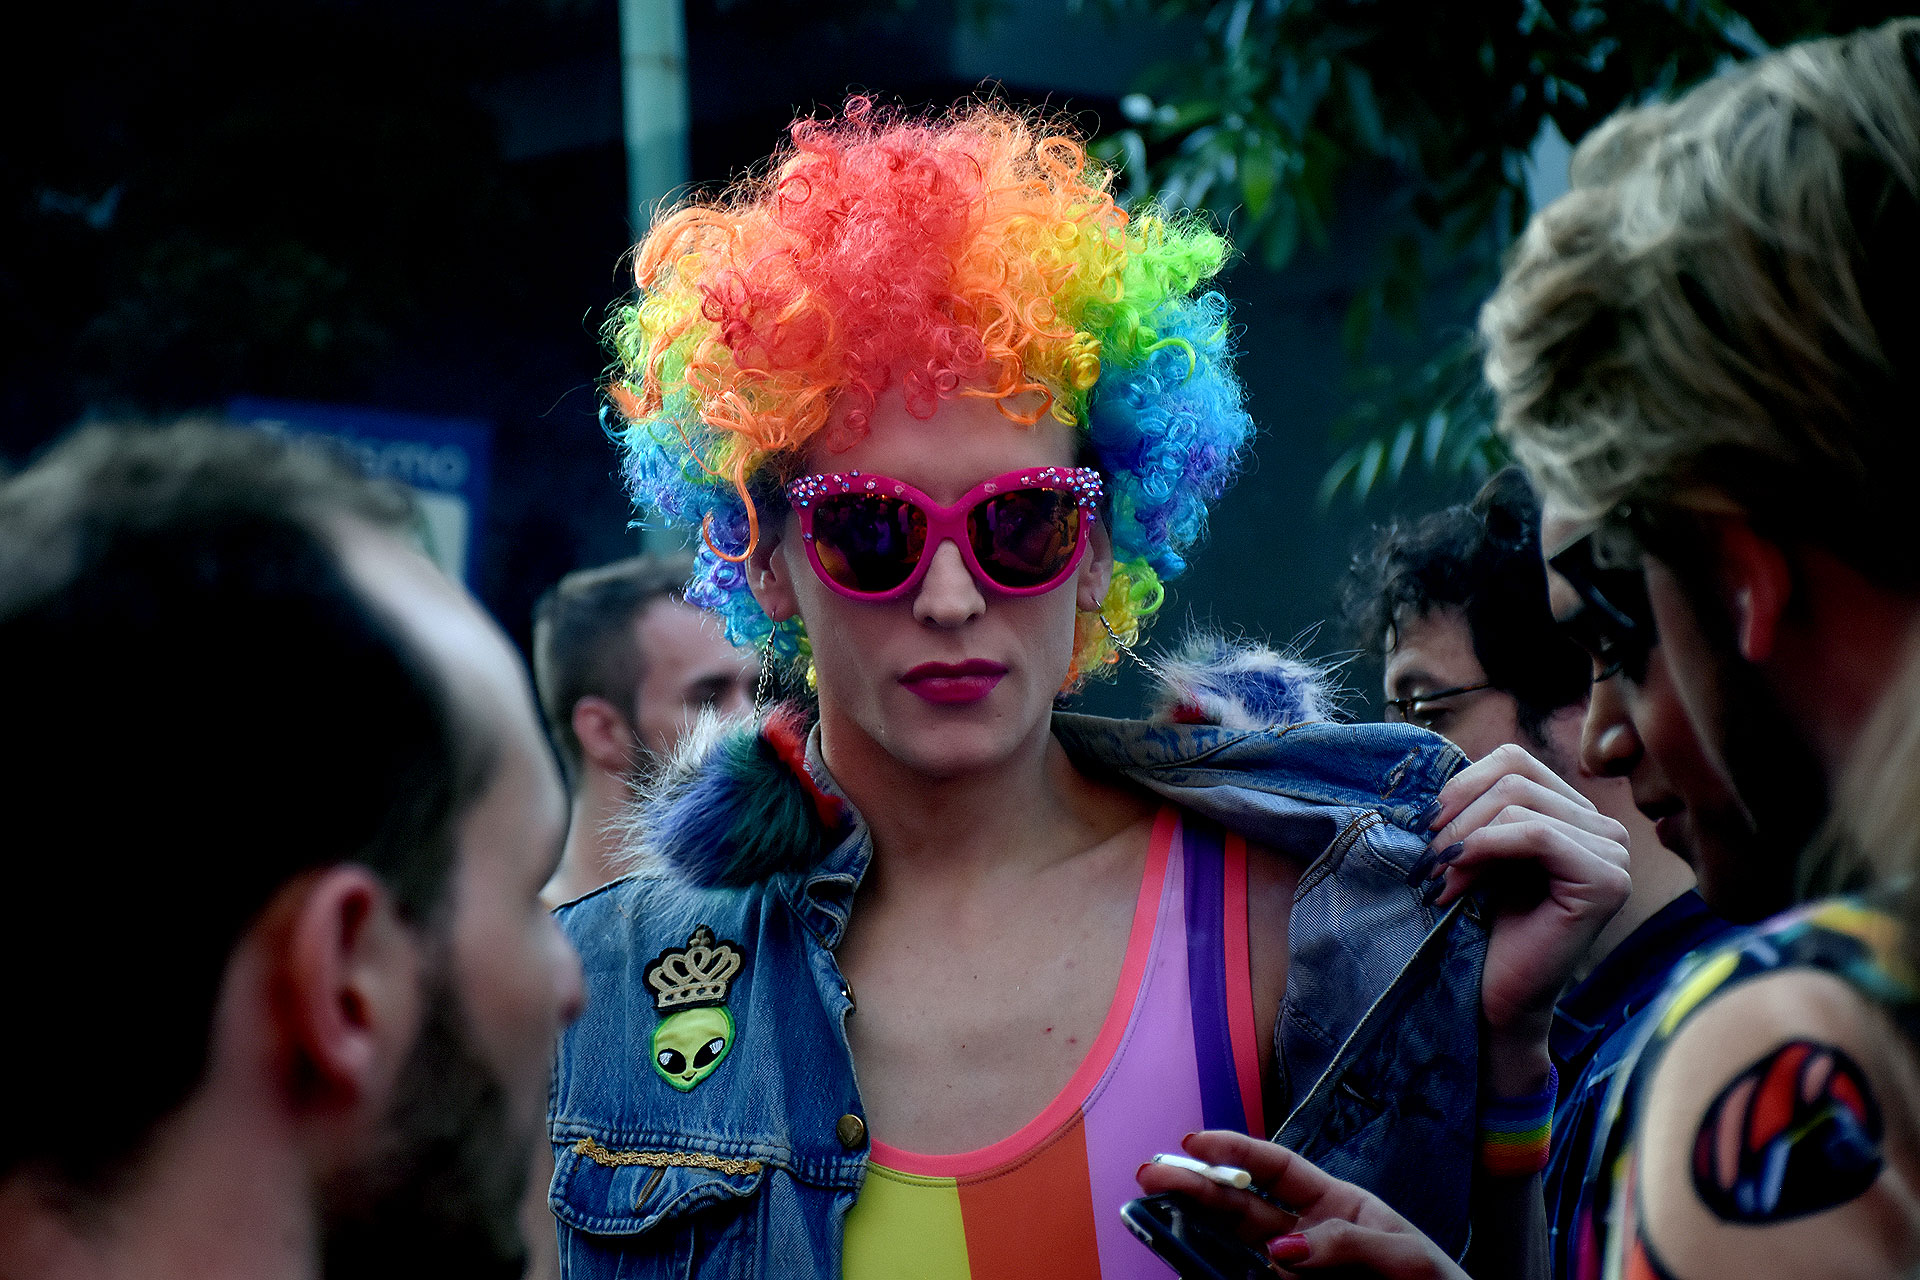 Muchos de los asistentes estaban lookeados y vestidos con los colores de la bandera LGBTIQ